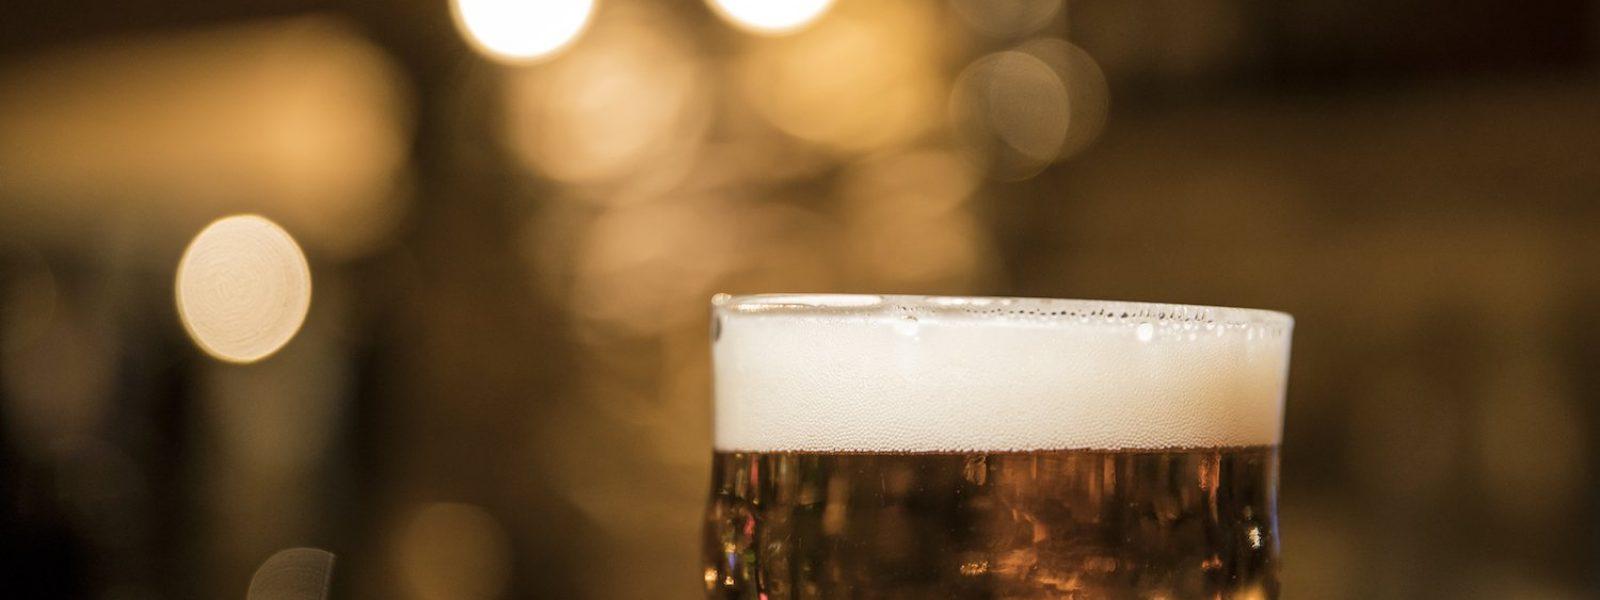 Bière de Rennes